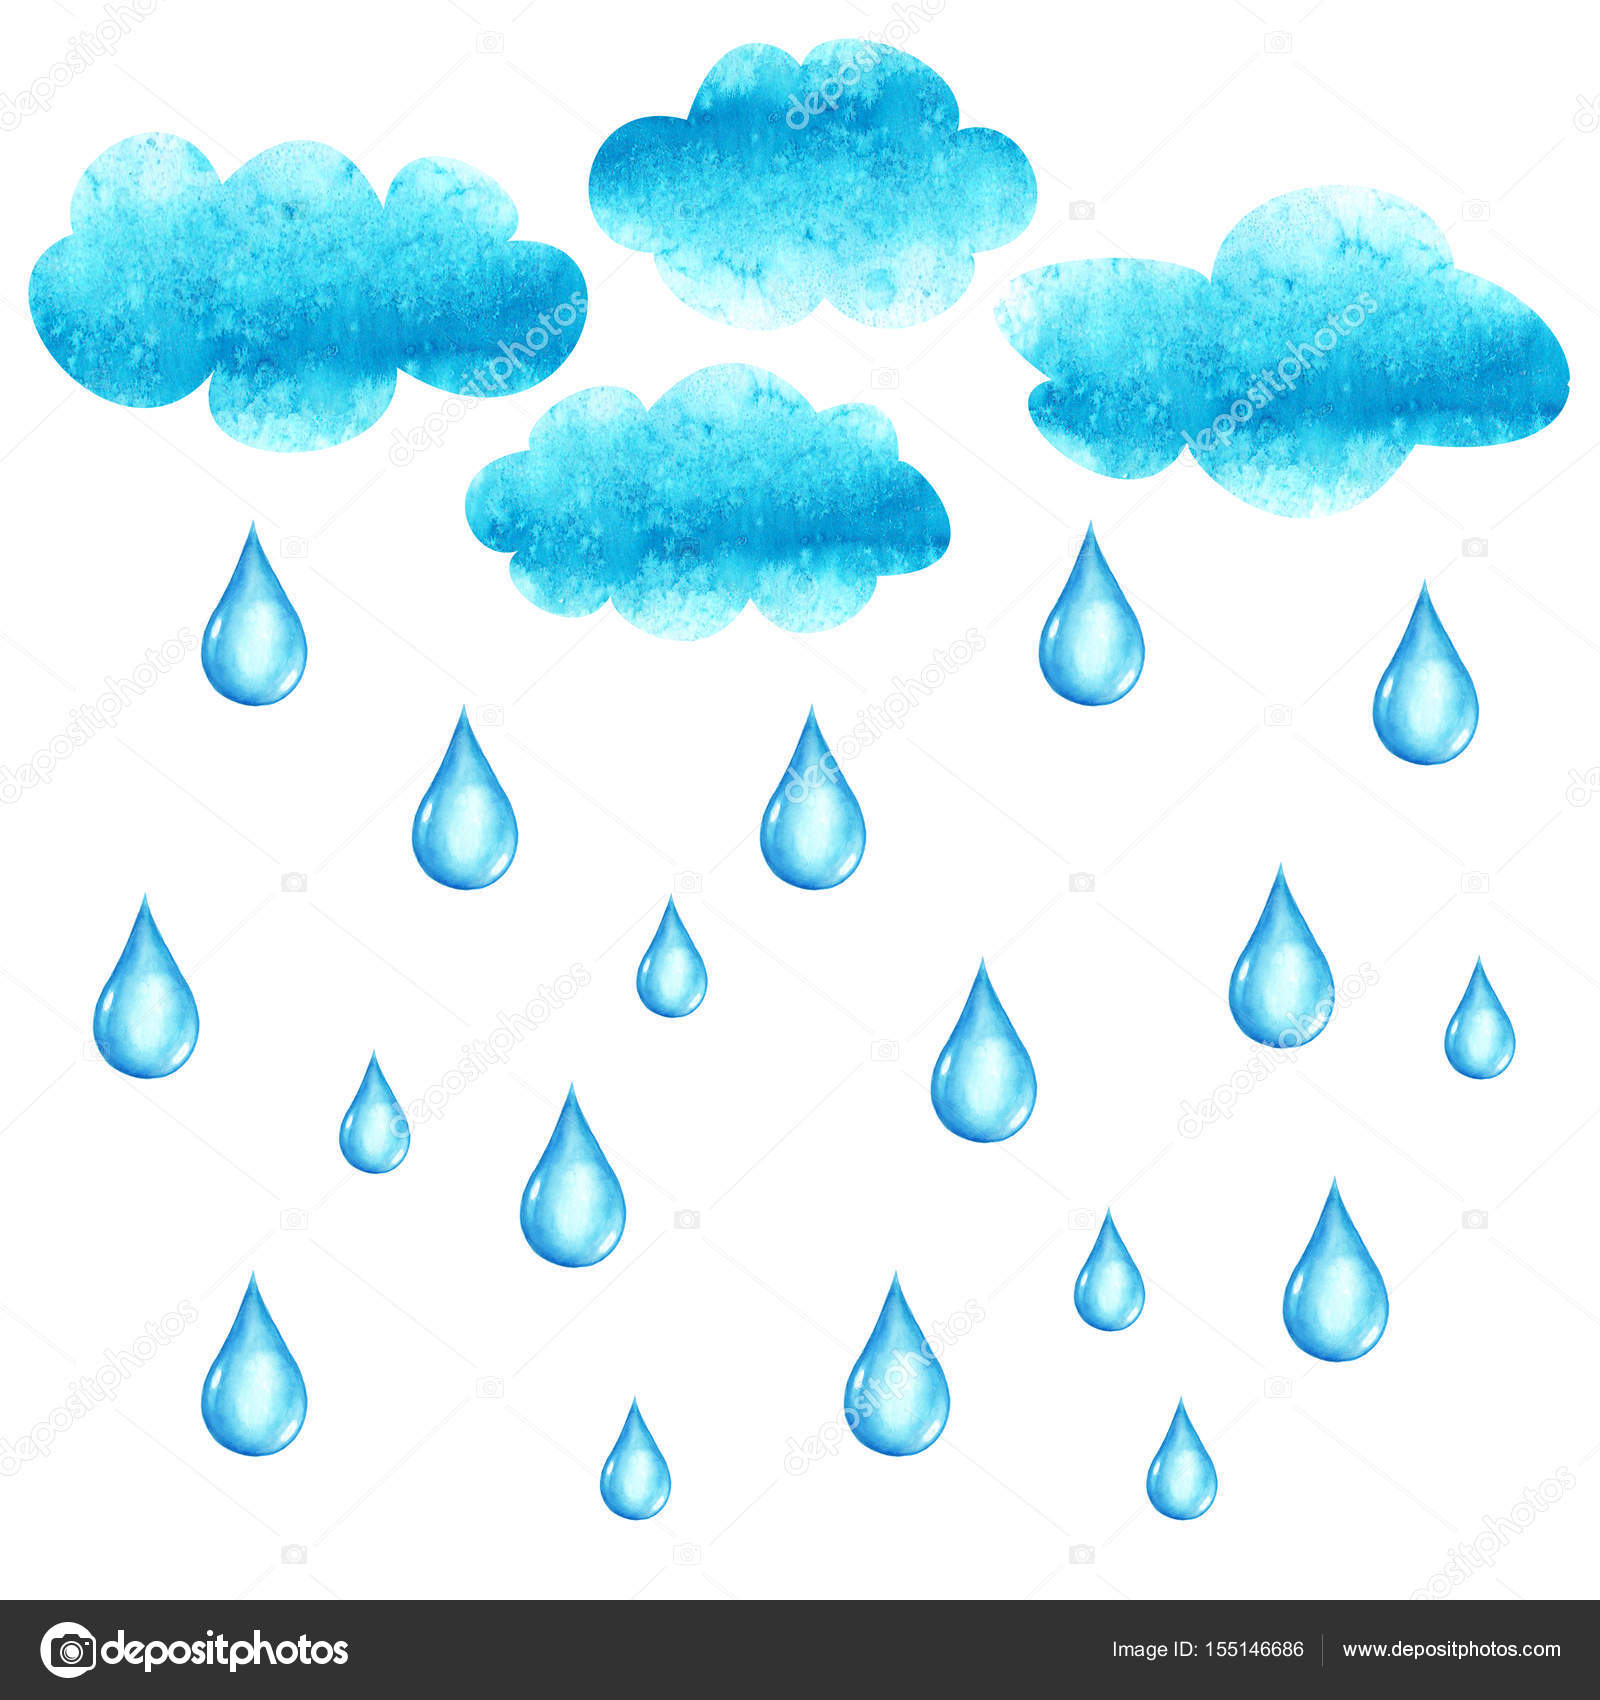 かかって雨の滴で水彩イラスト ストック写真 Olgaze 155146686